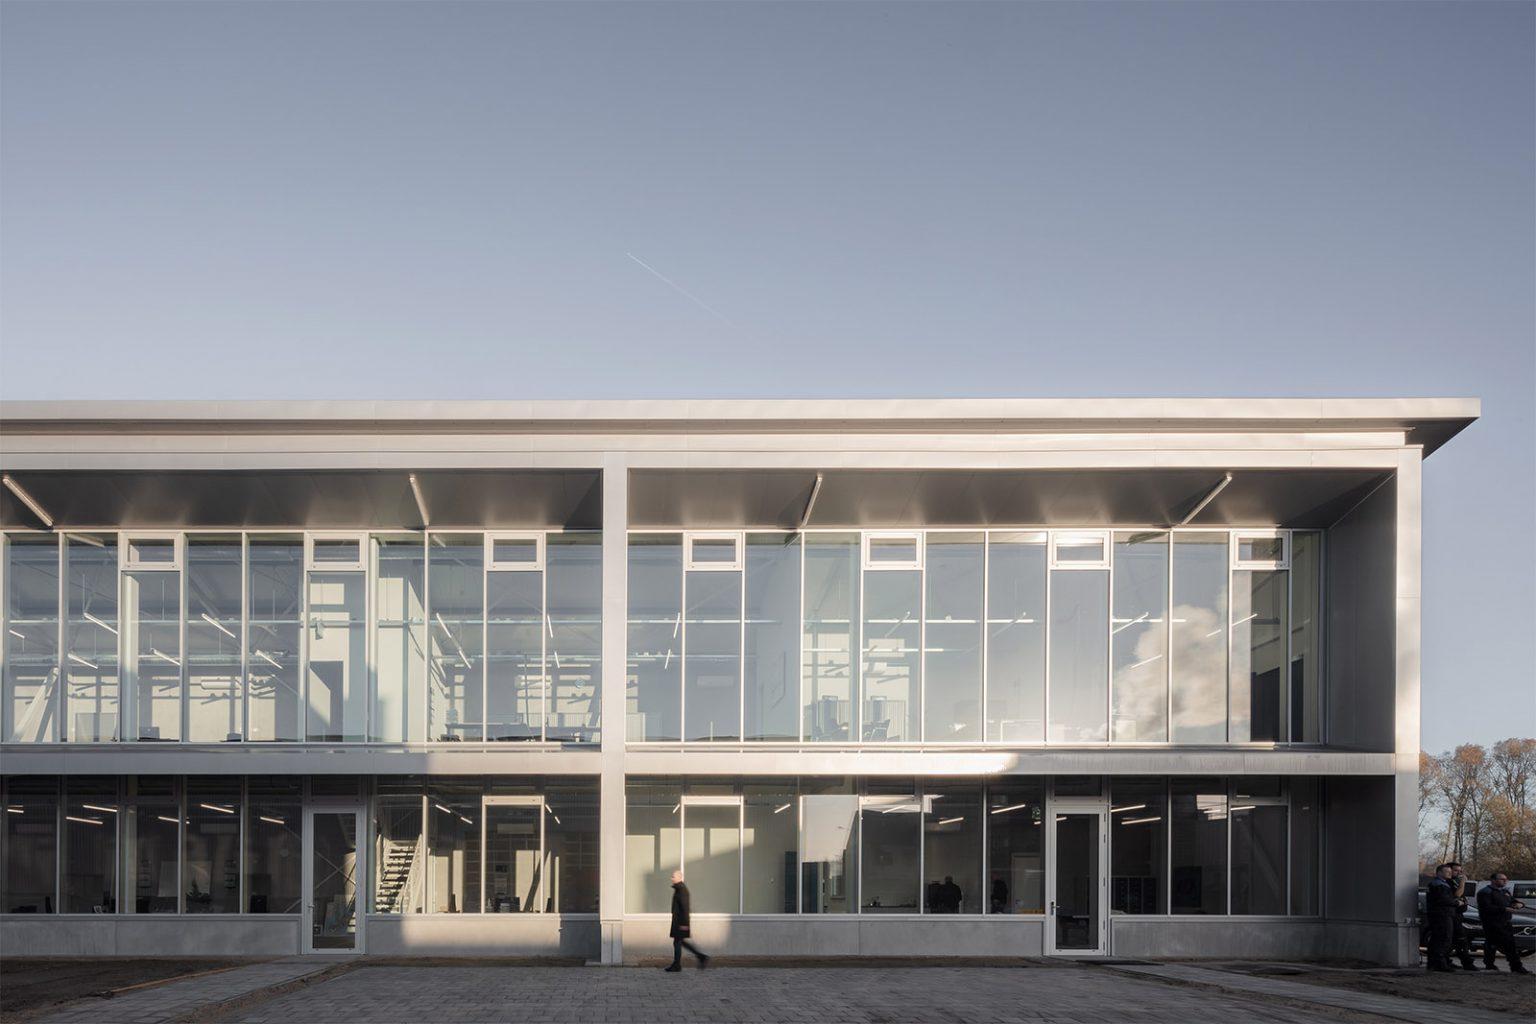 Gebouw AR genomineerd voor Heuvelink Architectuurprijs 2020